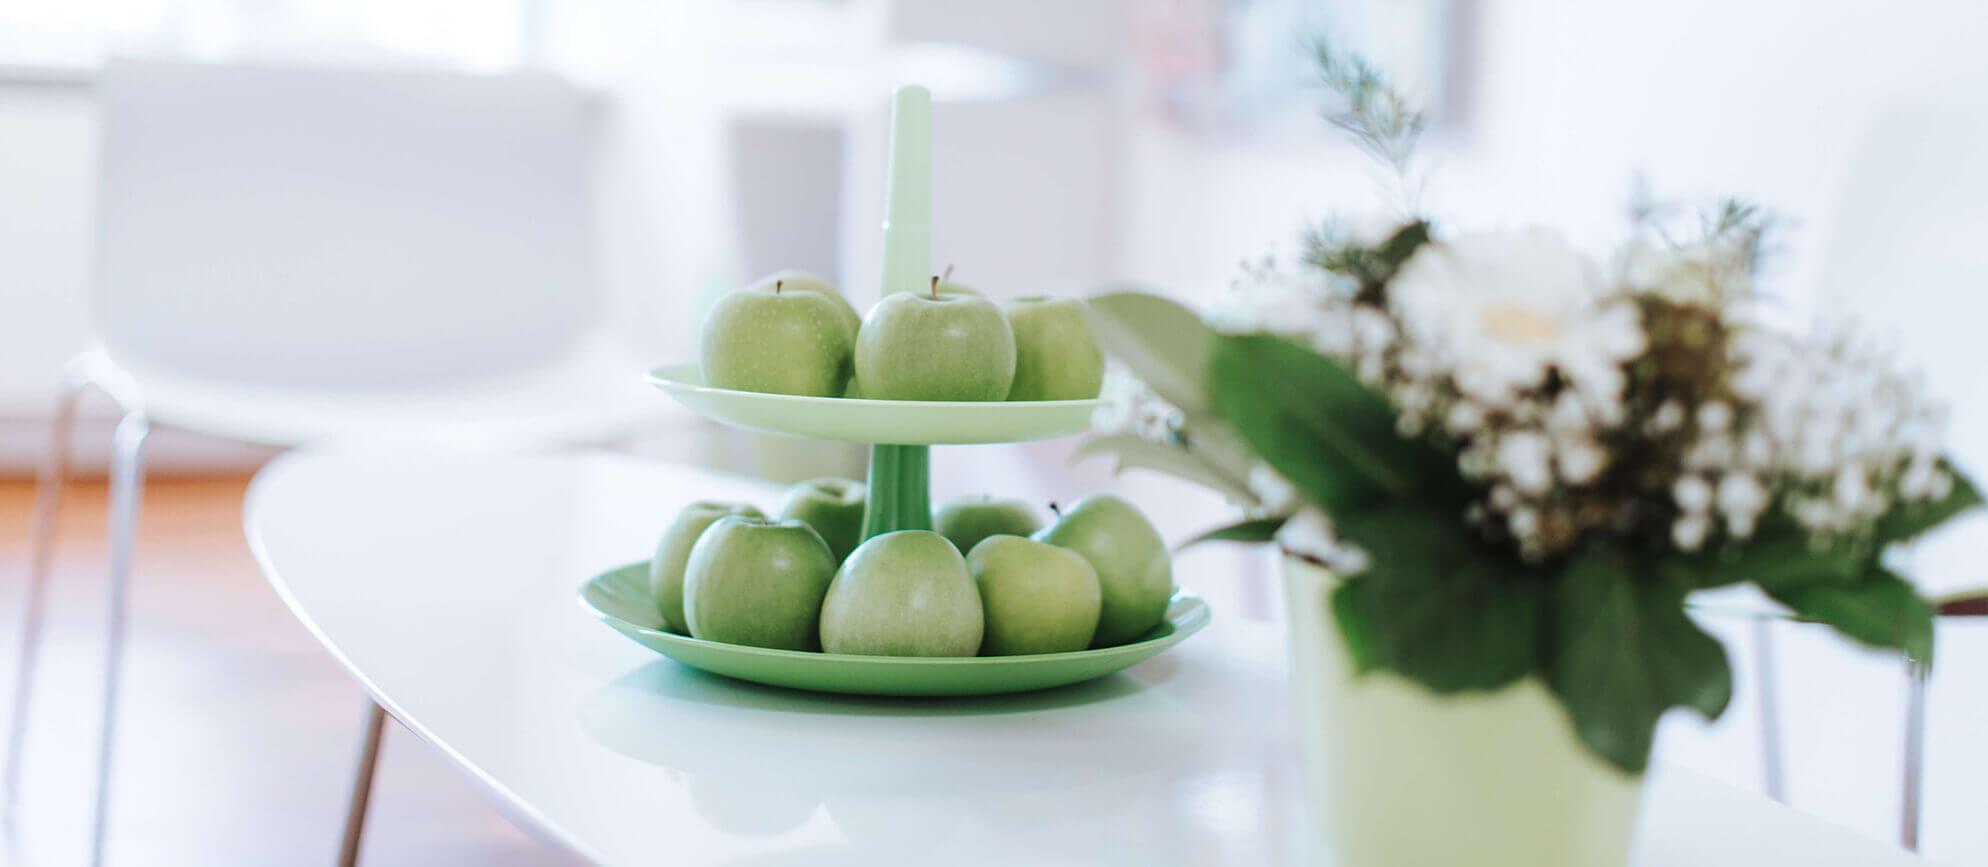 Bild mit Äpfeln